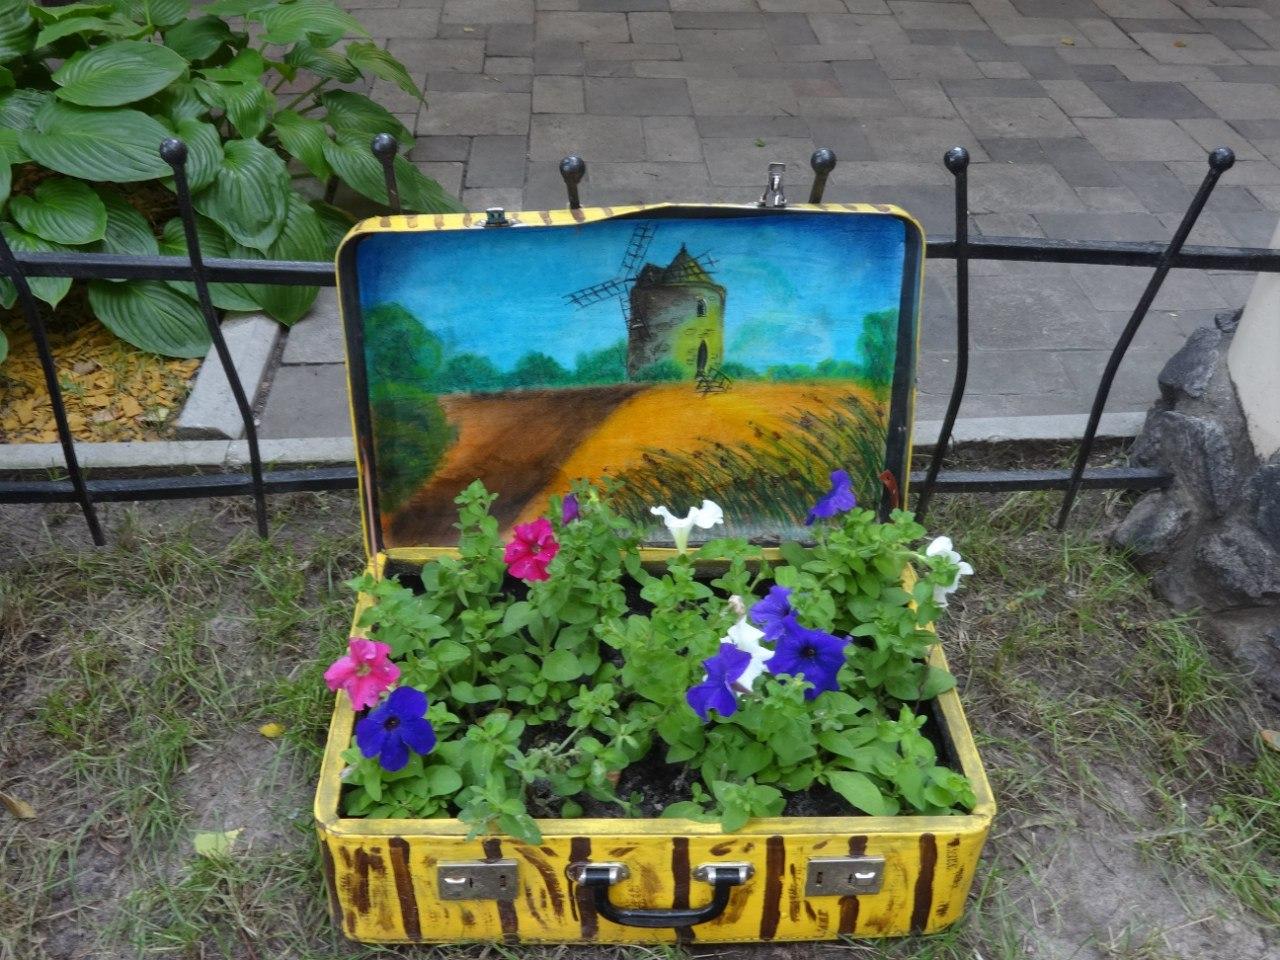 Харьков: галерея в чемодане (ФОТО)